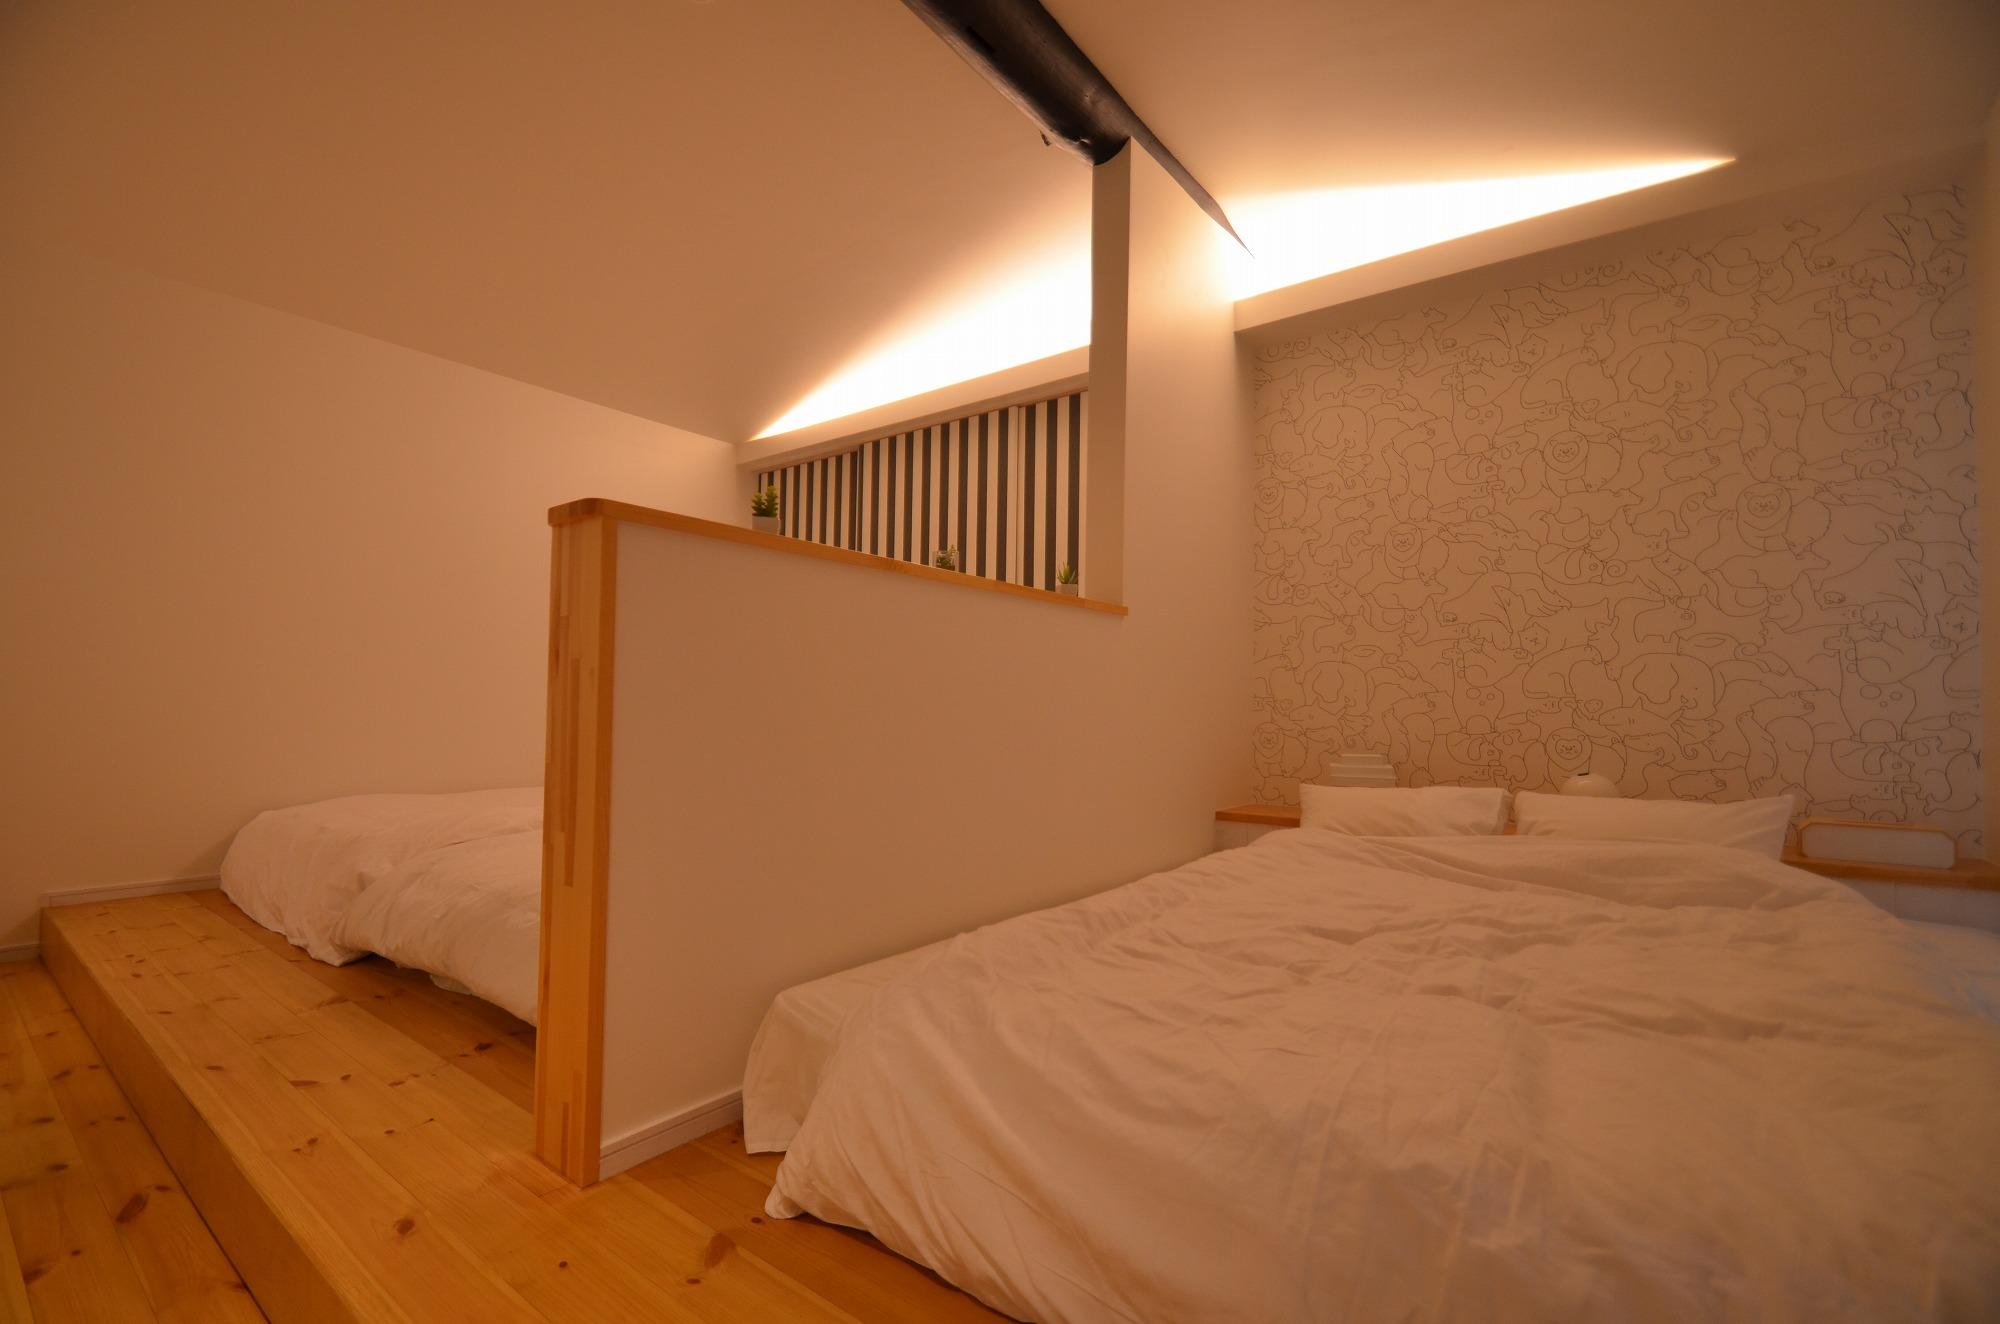 ベッドスペースが2つありますので、ご家族でもお友達でも余裕のある広さですね